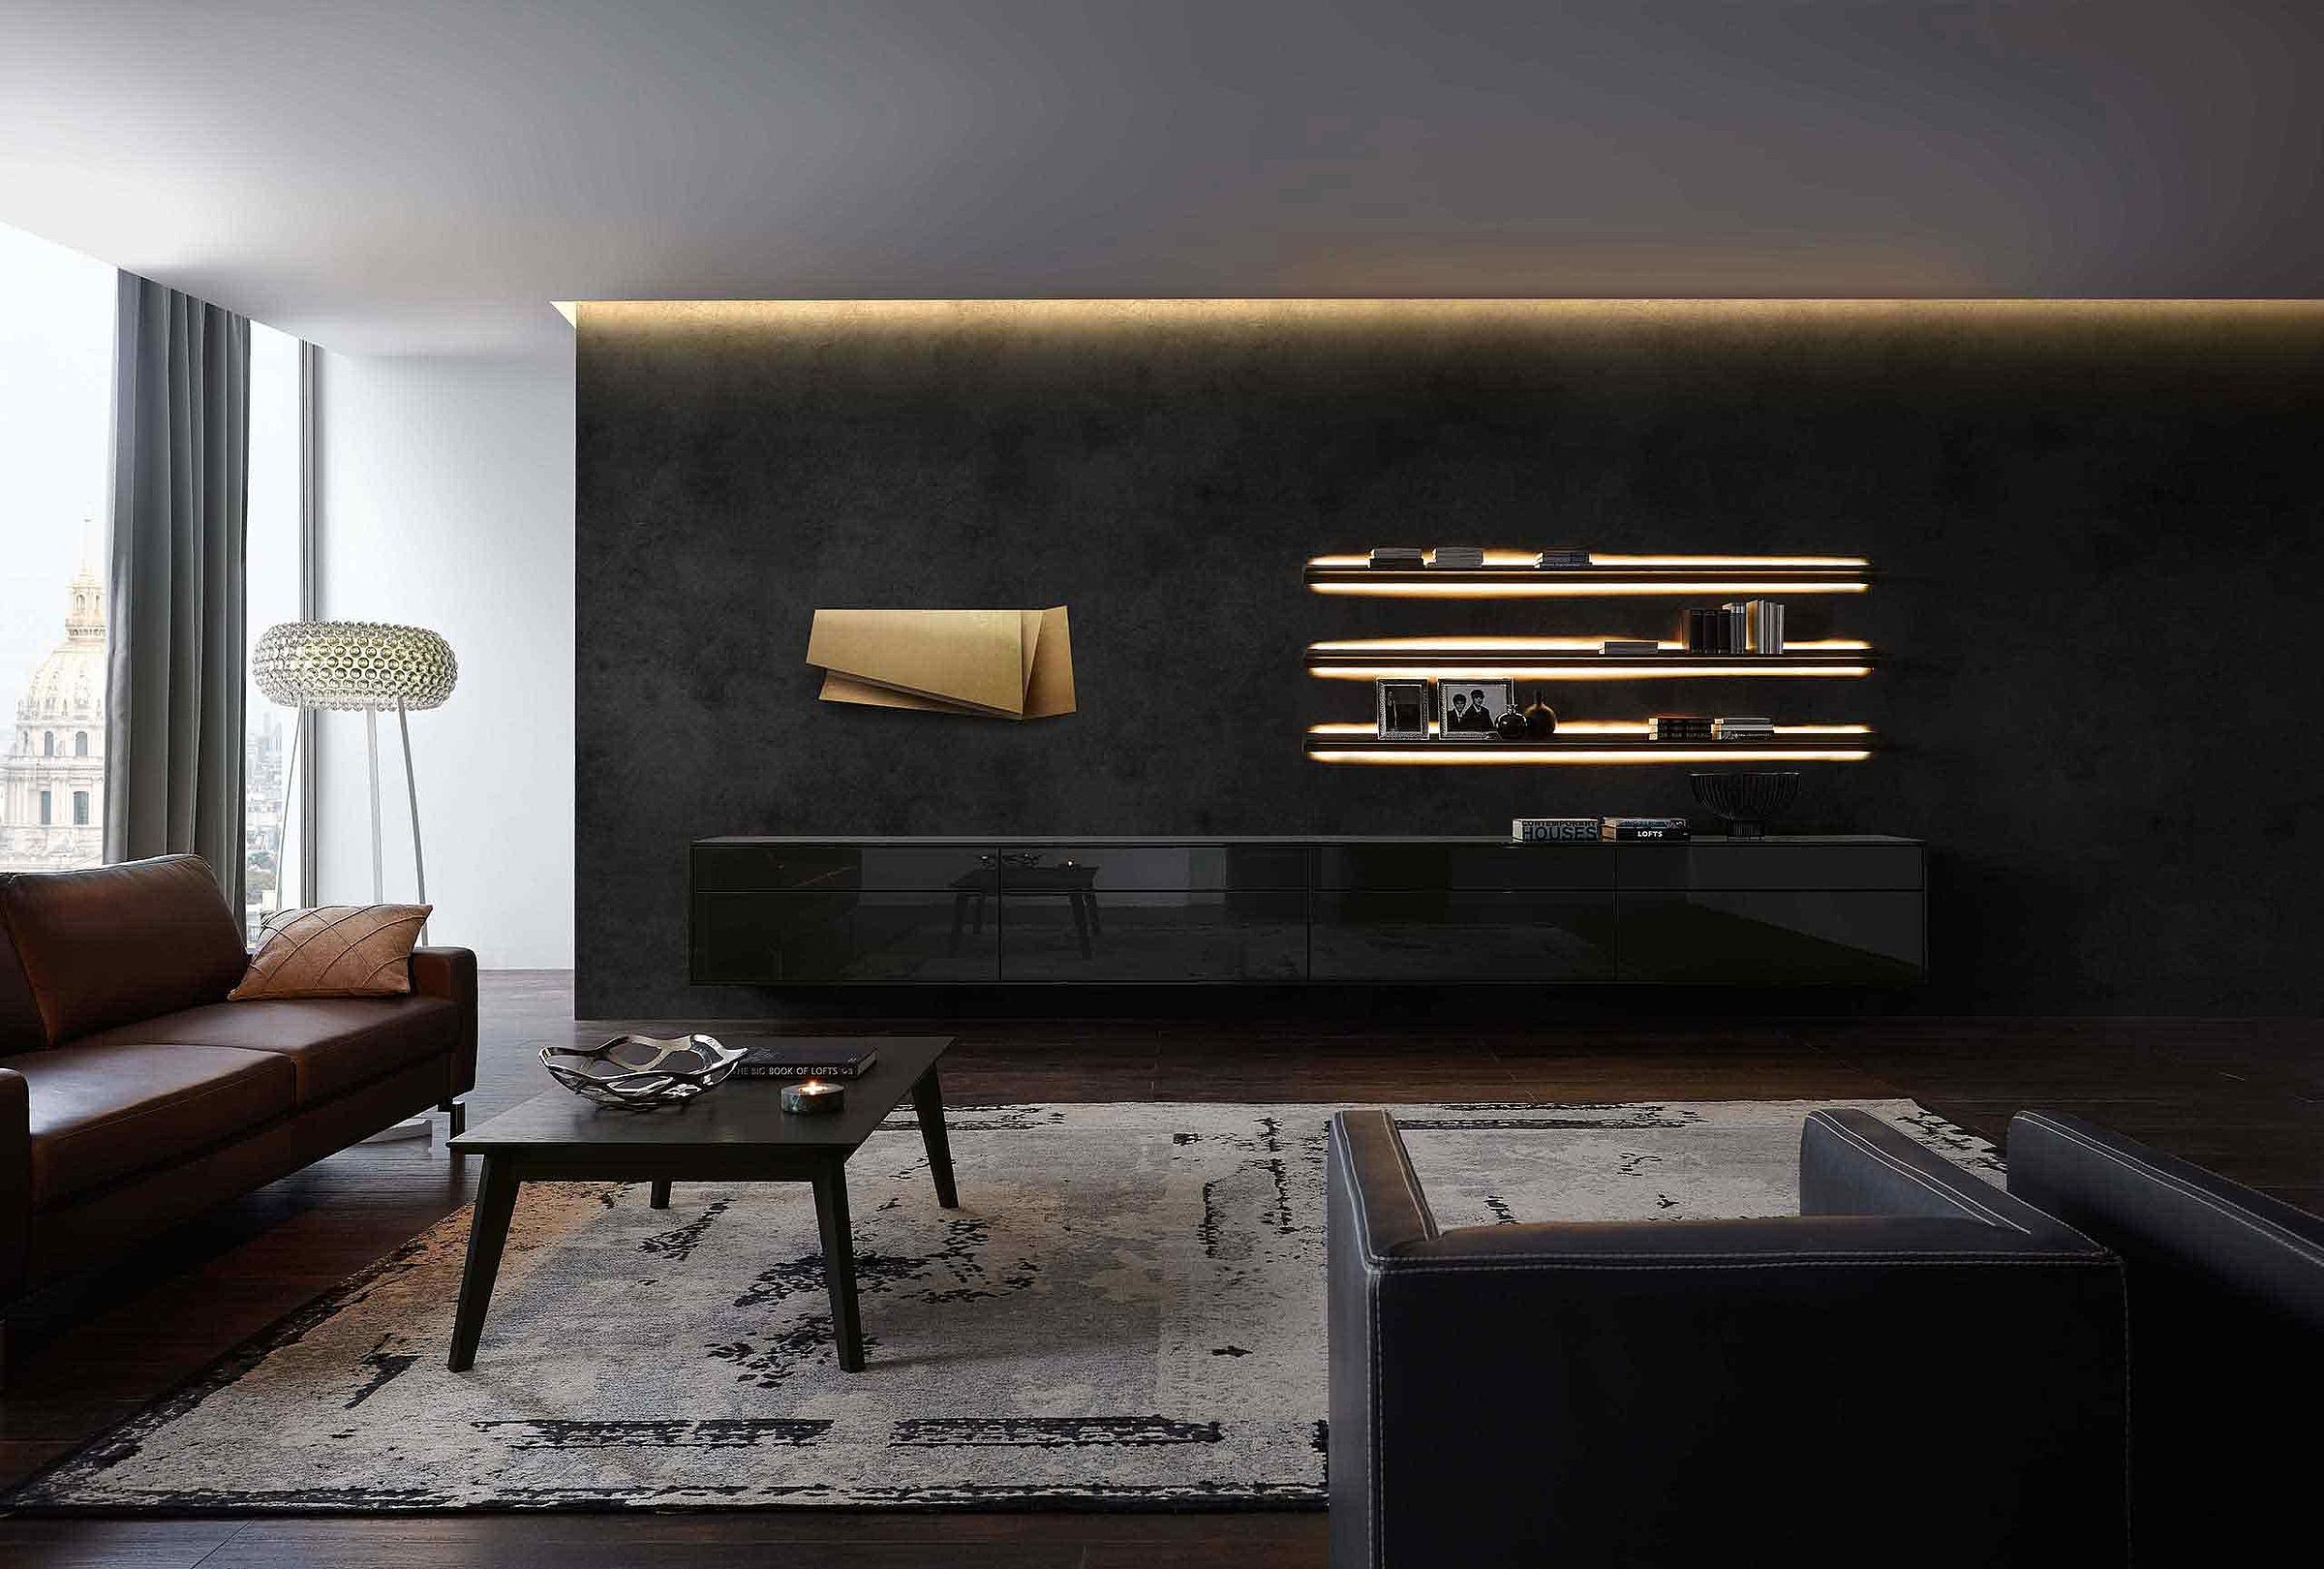 Wohnwand Wohnzimmer Deviso Lack schwarz